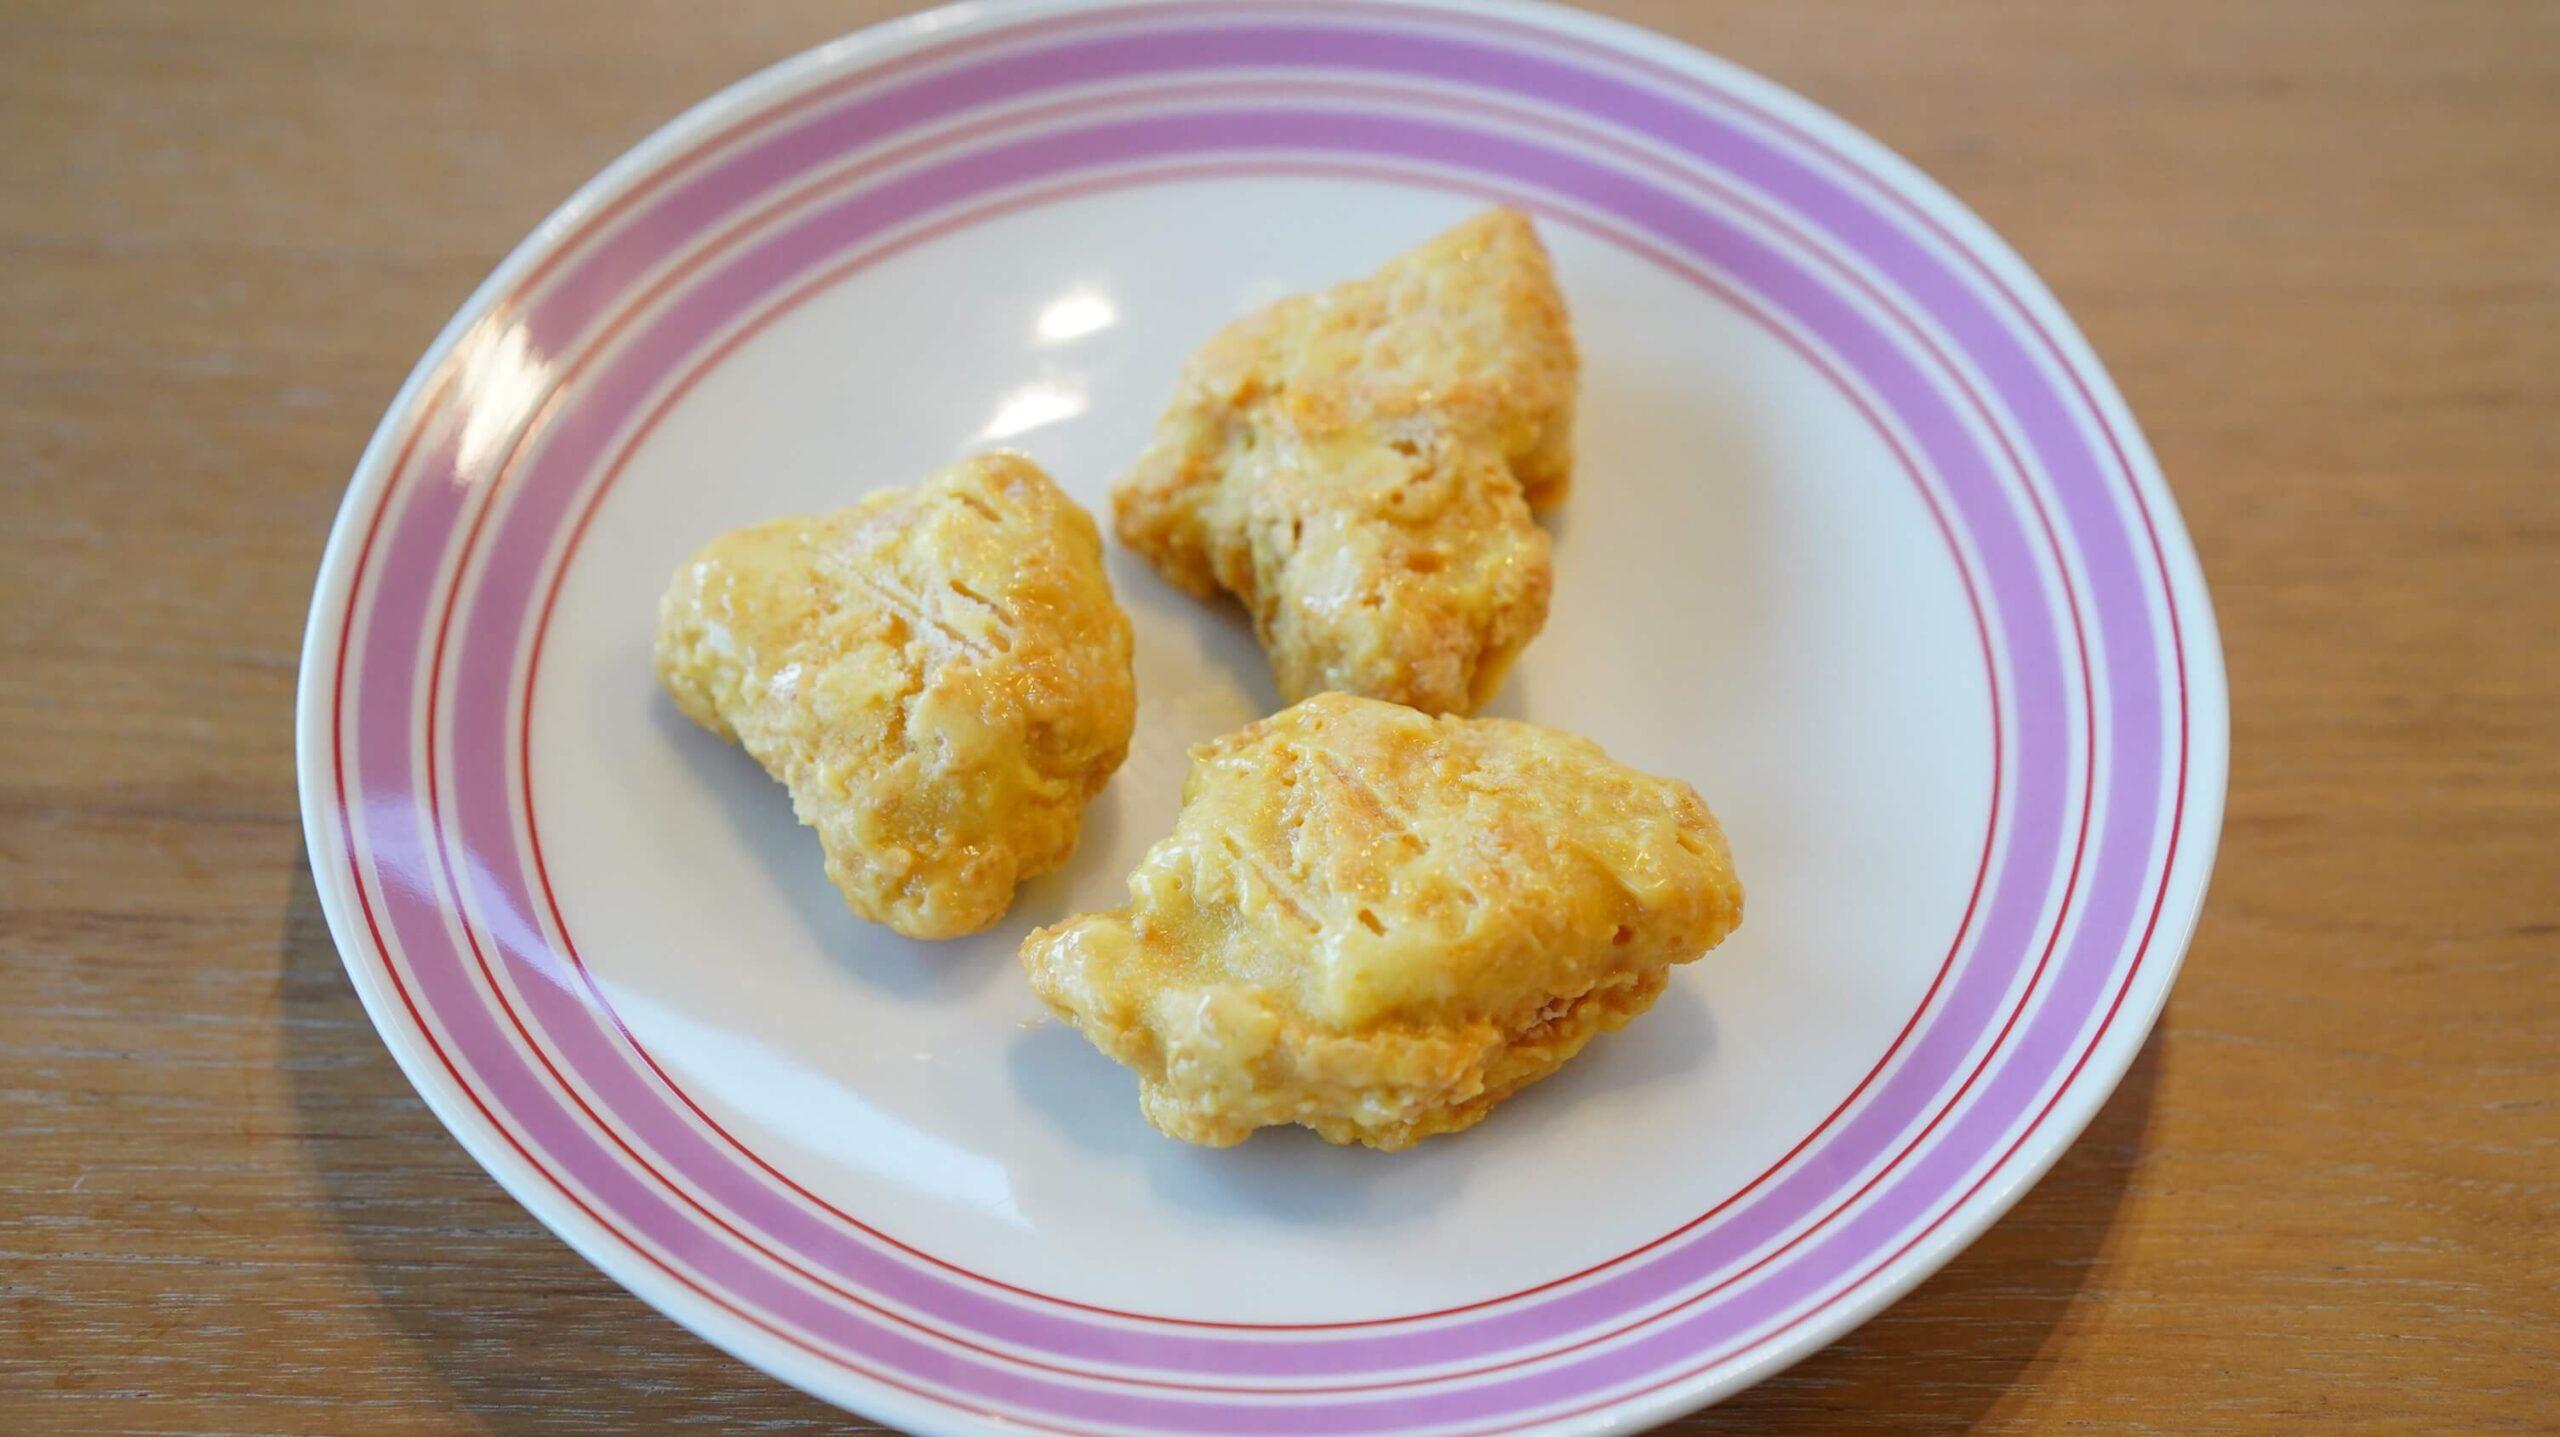 ニチレイの冷凍食品「ハニーマスタードチキン」の解凍前の写真